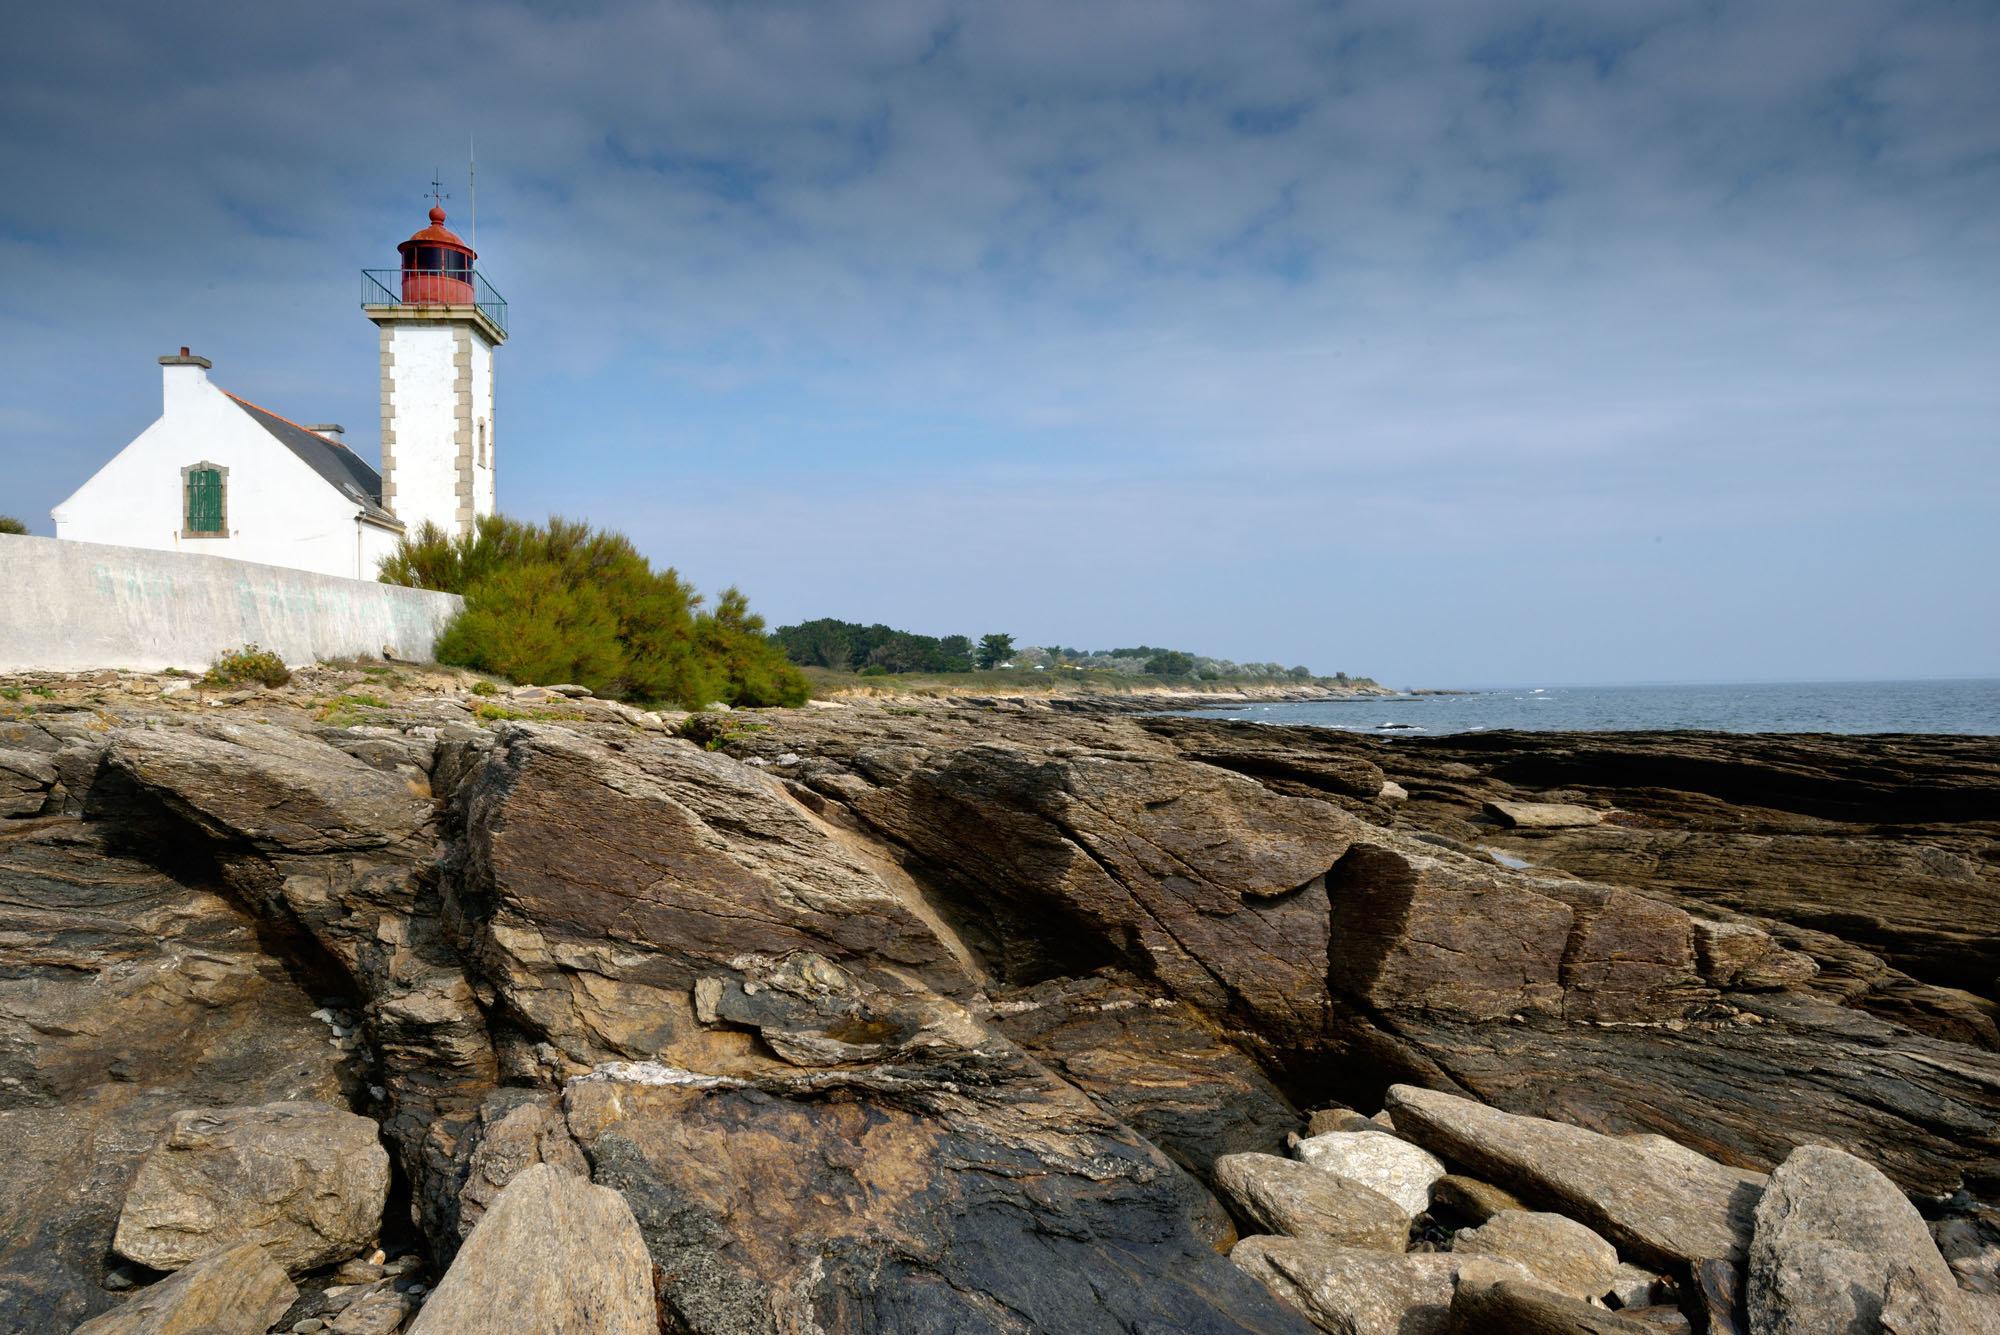 Île de Groix, Pointe des Chats